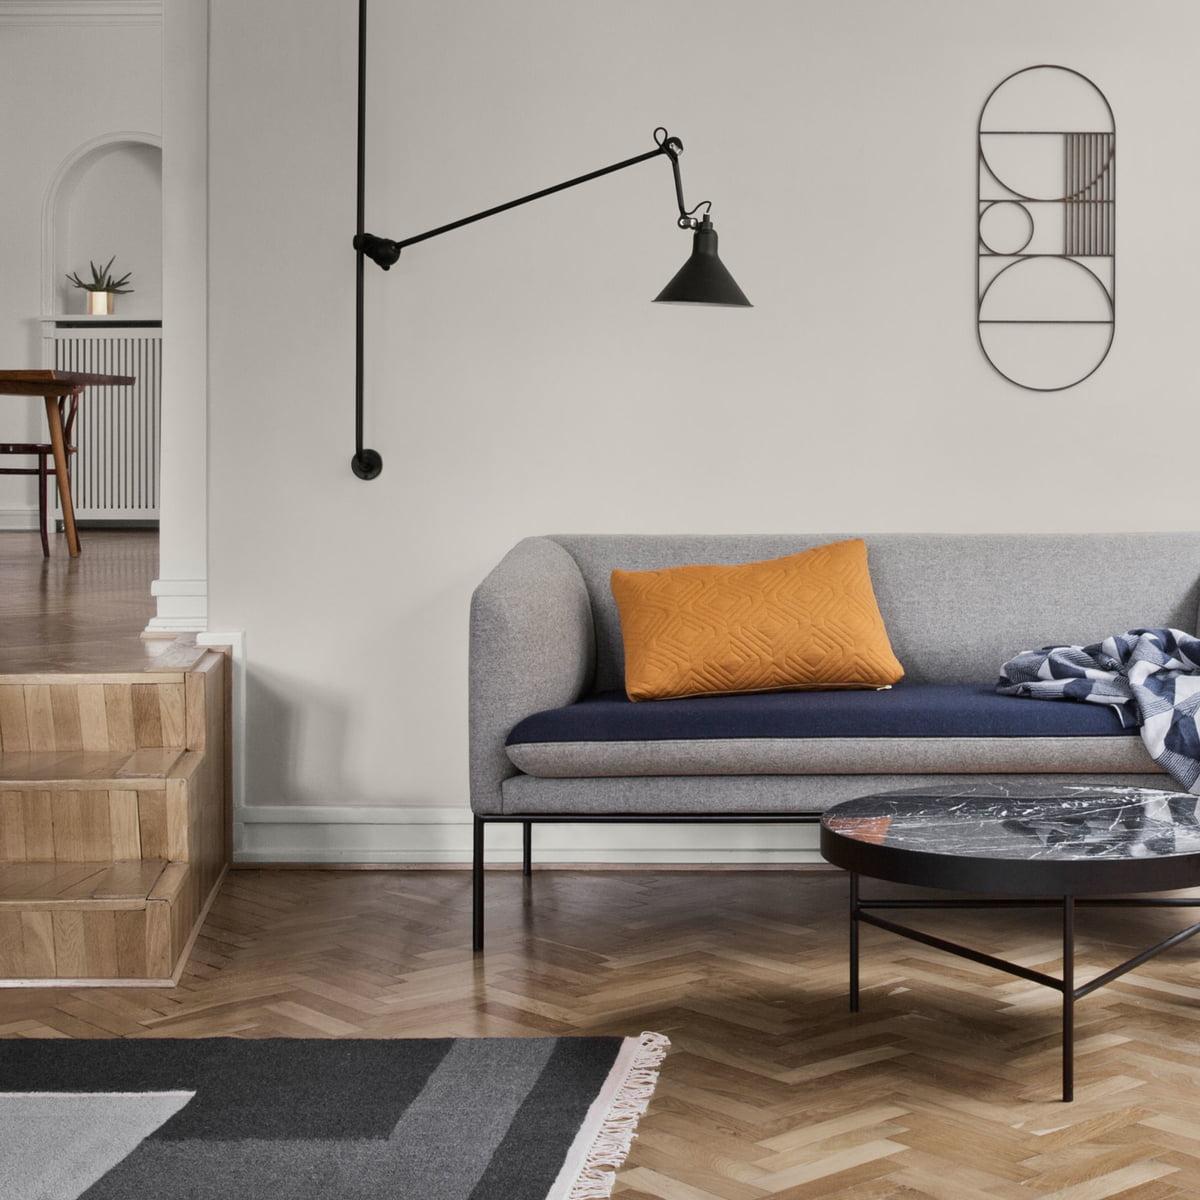 kelim rug section by ferm living in shop. Black Bedroom Furniture Sets. Home Design Ideas